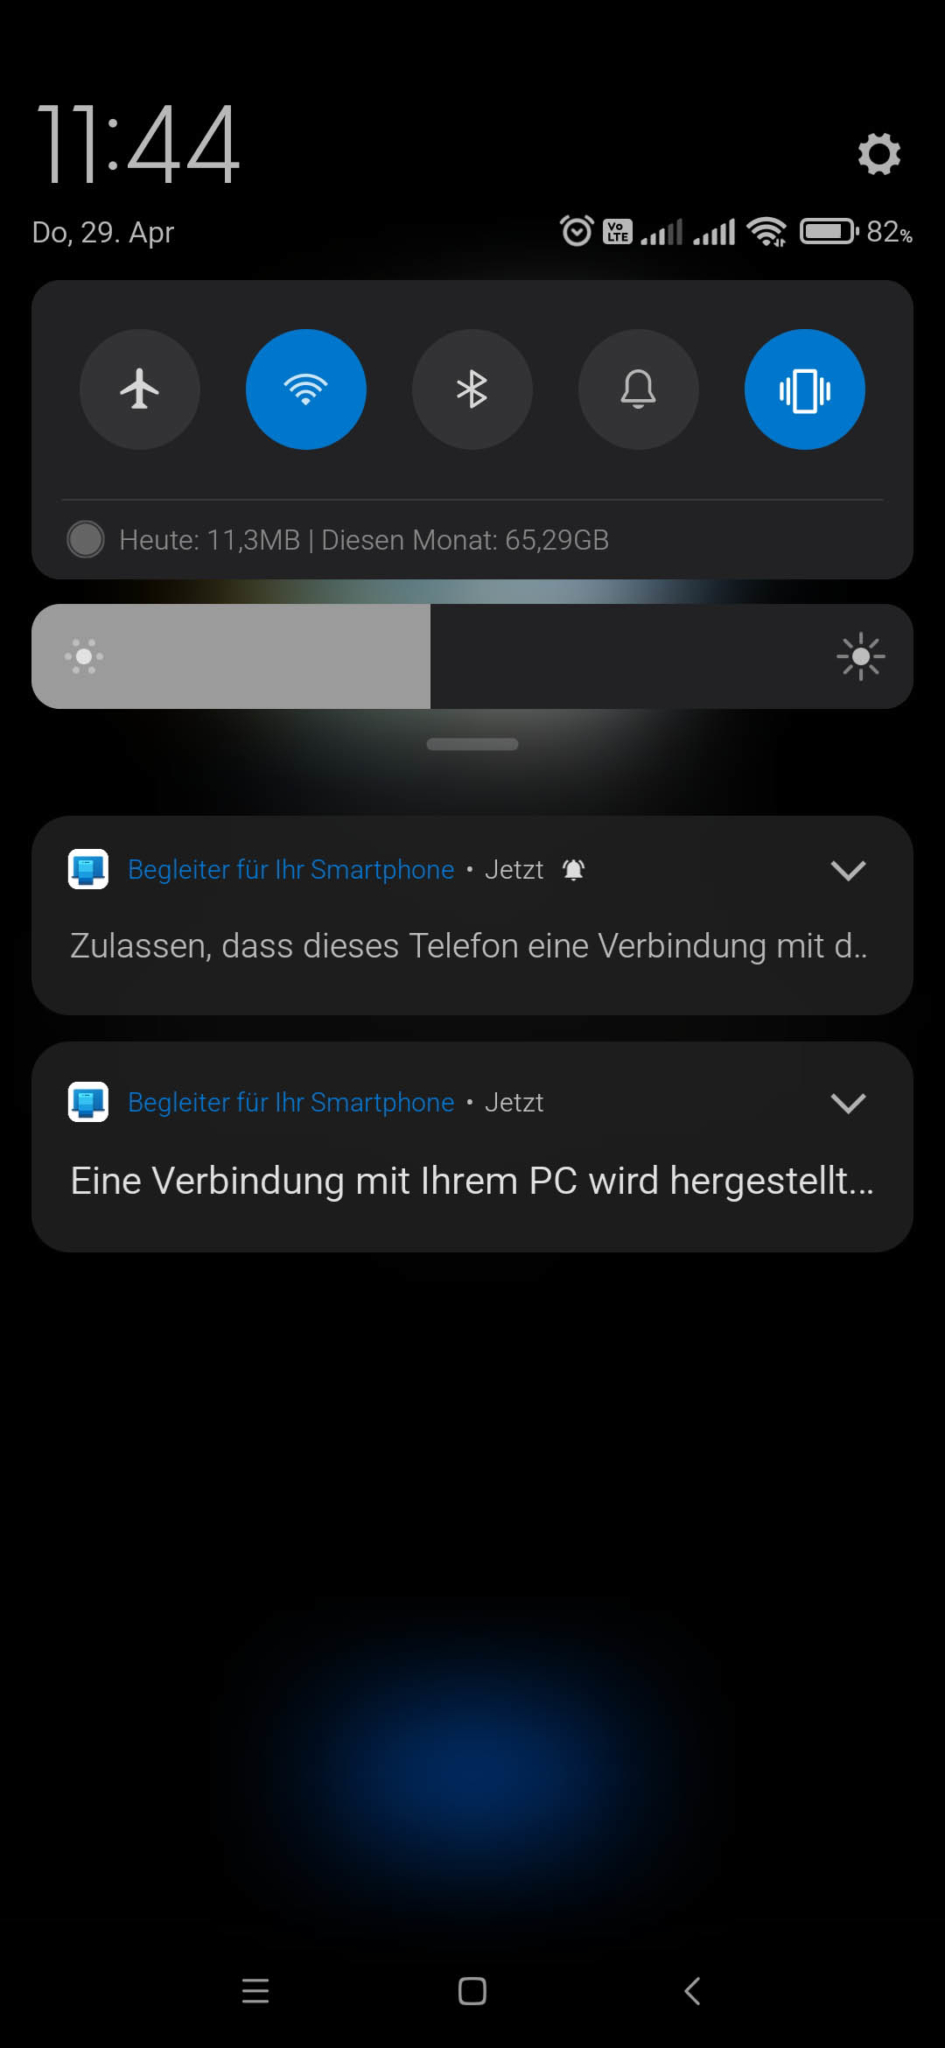 Windows 10 mit Android Smartphone verbinden - Berechtigungen erteilen